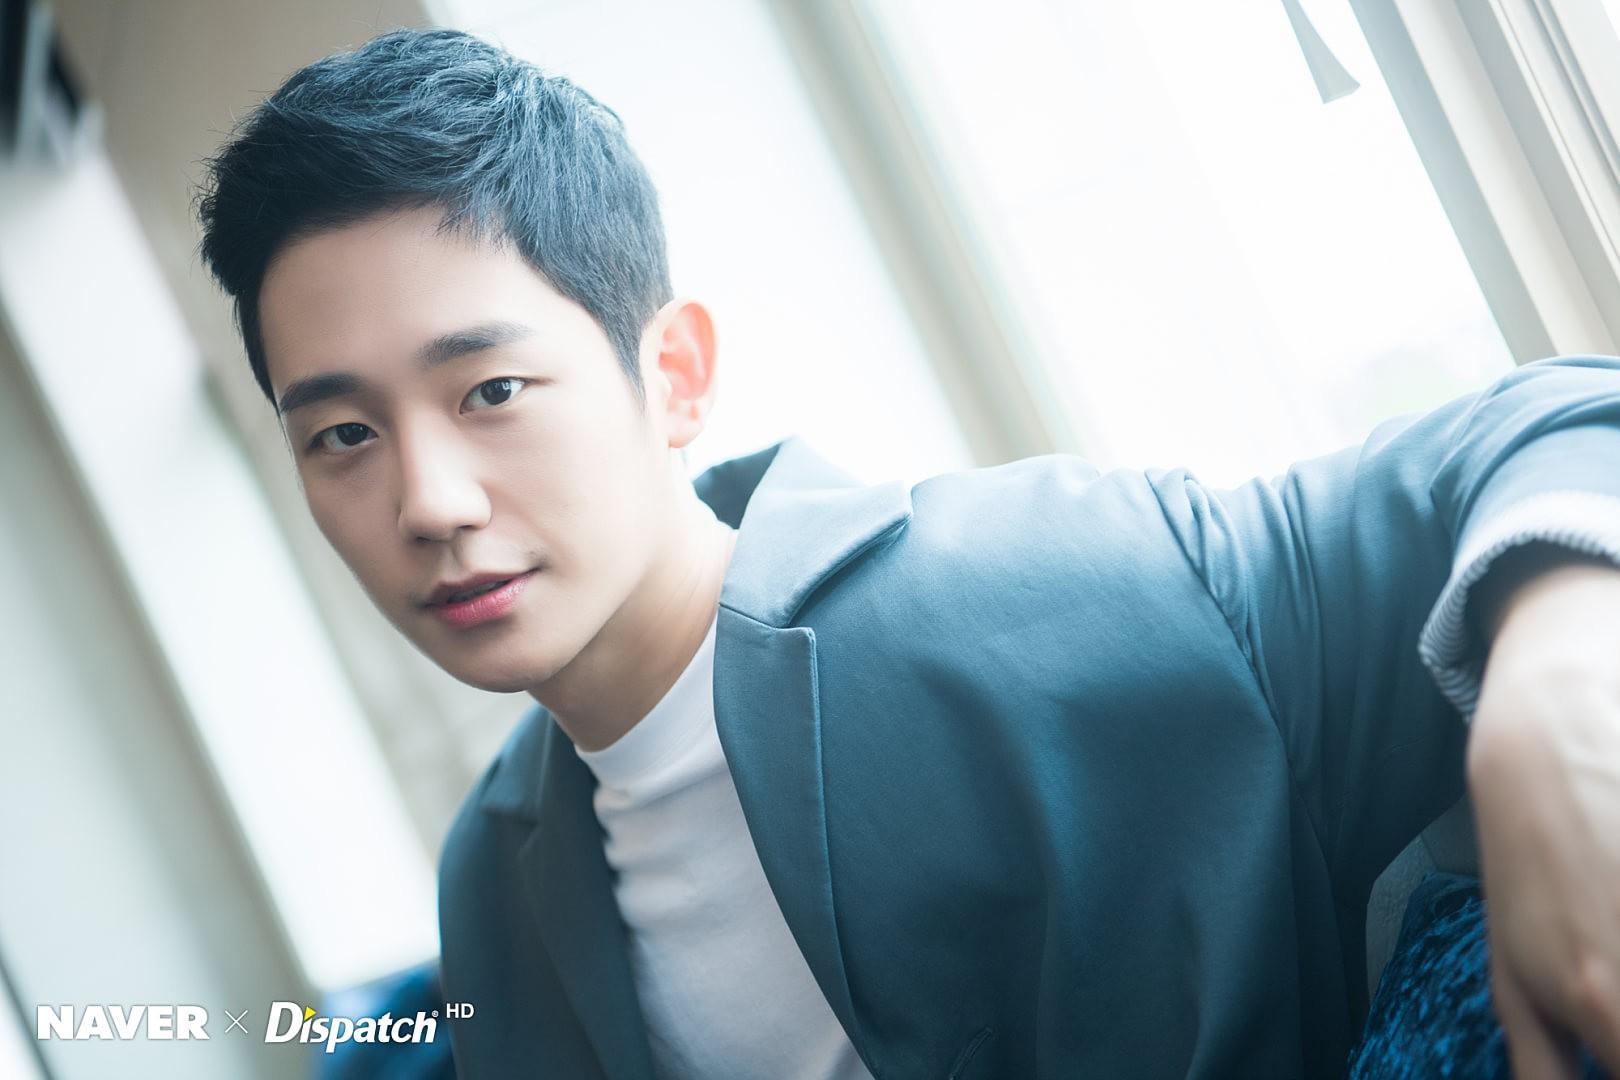 Dispatch tung bộ ảnh zoom đến từng lỗ chân lông của Jung Hae In: Đẳng cấp mỹ nam khiến chị đẹp mê mẩn là đây? - Ảnh 3.